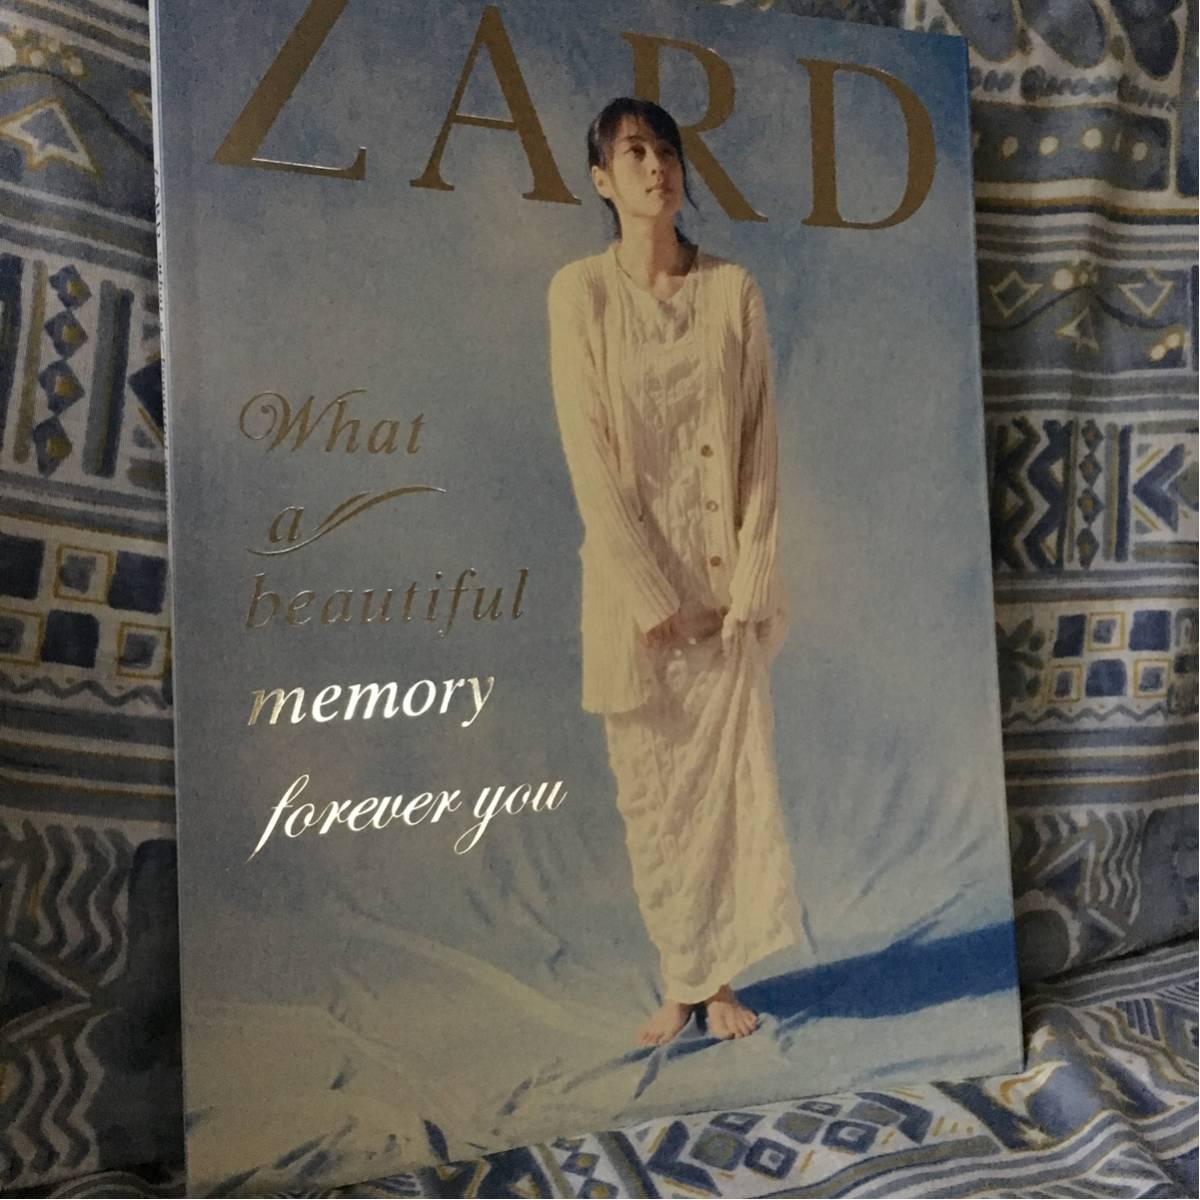 @2011年 ZARD ライブ写真集 WHAT a beautiful memory ~forever you 坂井泉水@ ライブグッズの画像